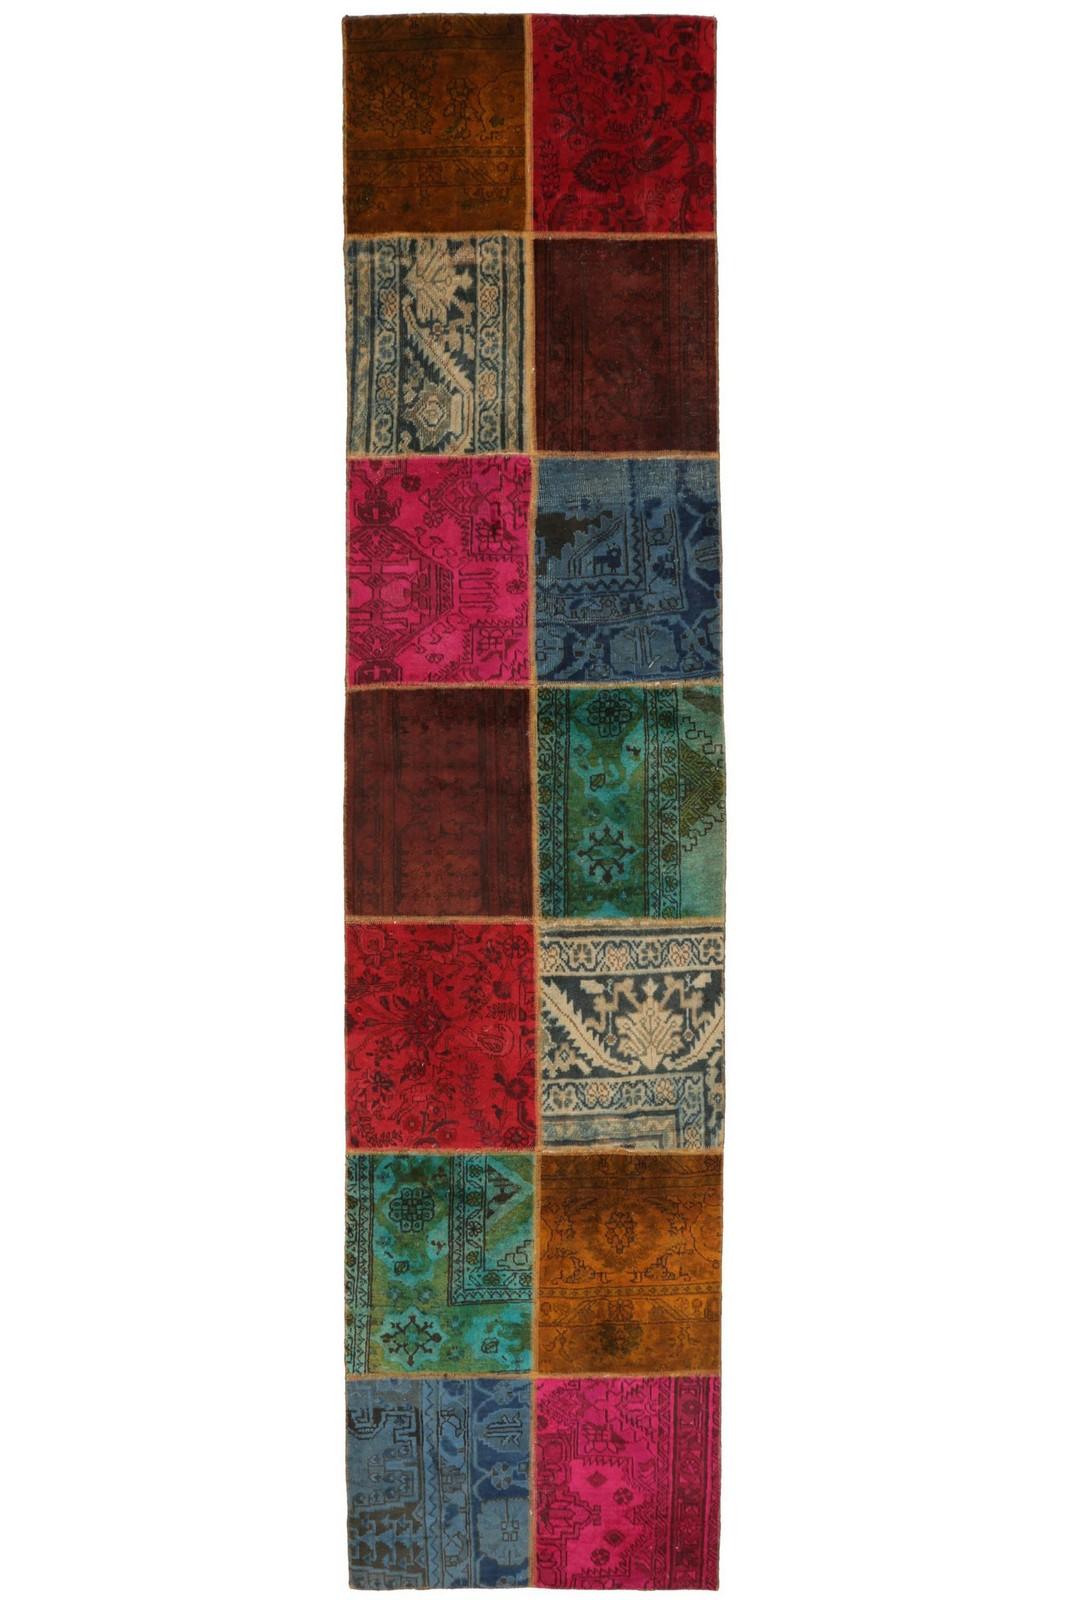 Persisk Patchwork løber, 355 x 84 cm - Persisk Patchwork løber, fremstillet af persiske vintage fragmenter. 355 x 84 cm